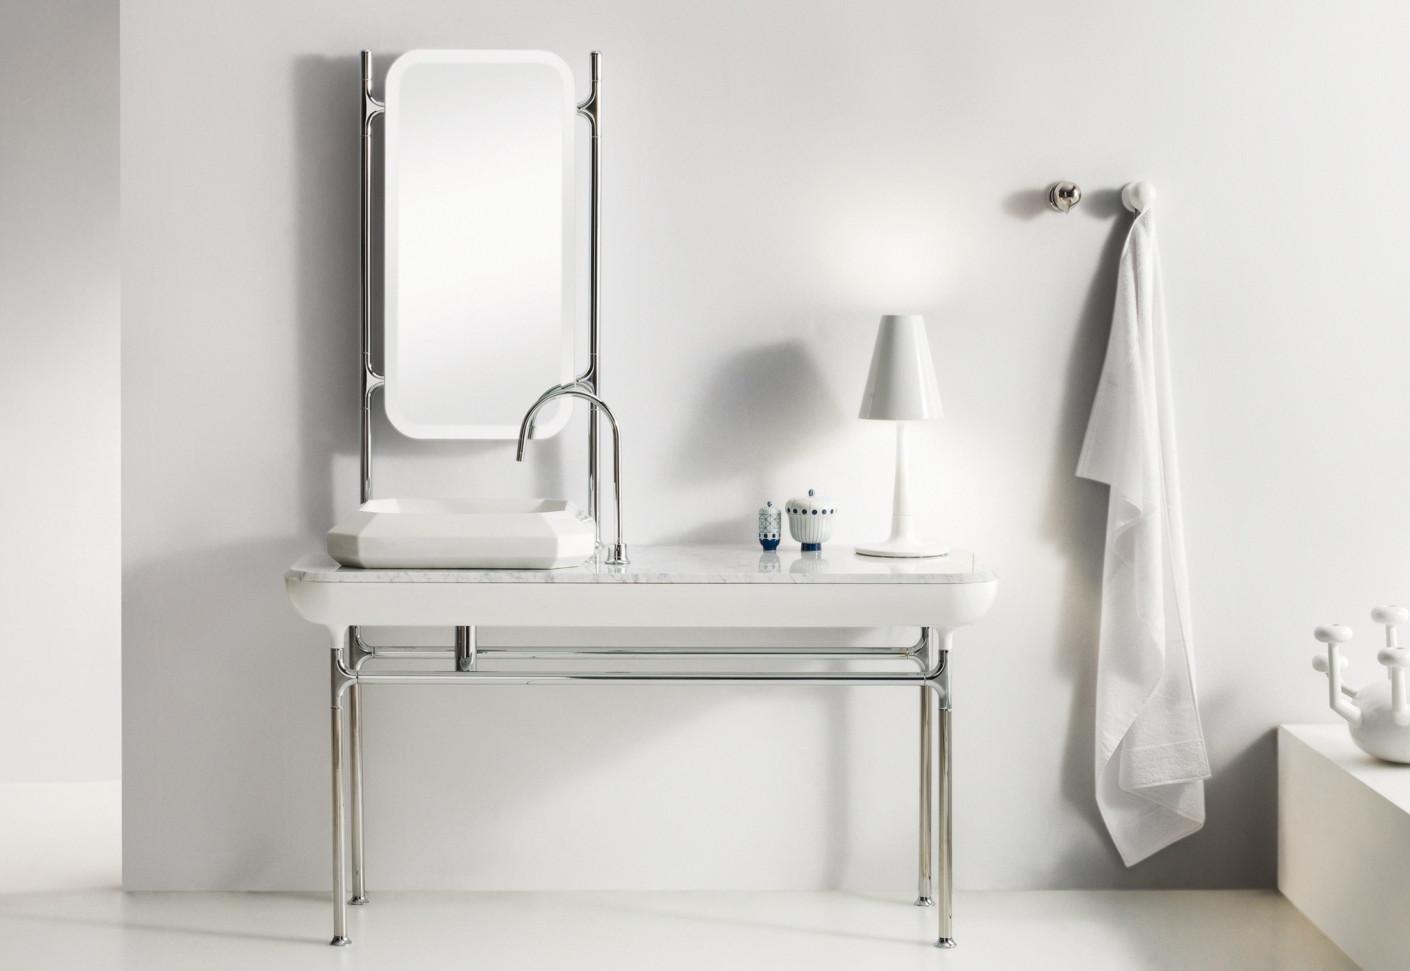 waschbecken auf tisch beautiful gste wc gerumiges kleines waschbecken gste wc mit with. Black Bedroom Furniture Sets. Home Design Ideas